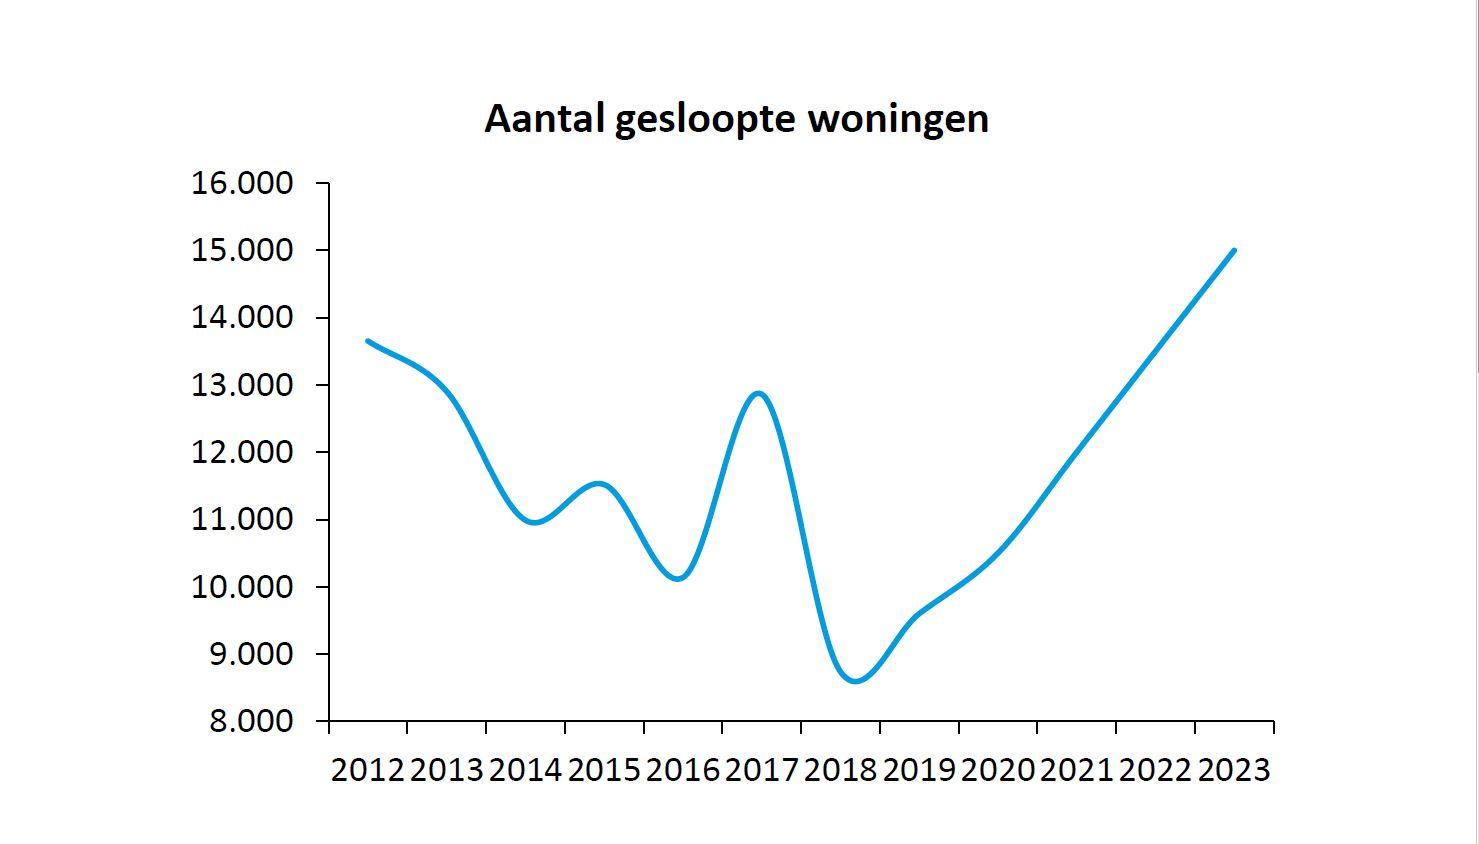 Aantal gesloopte woningen 2012-2023